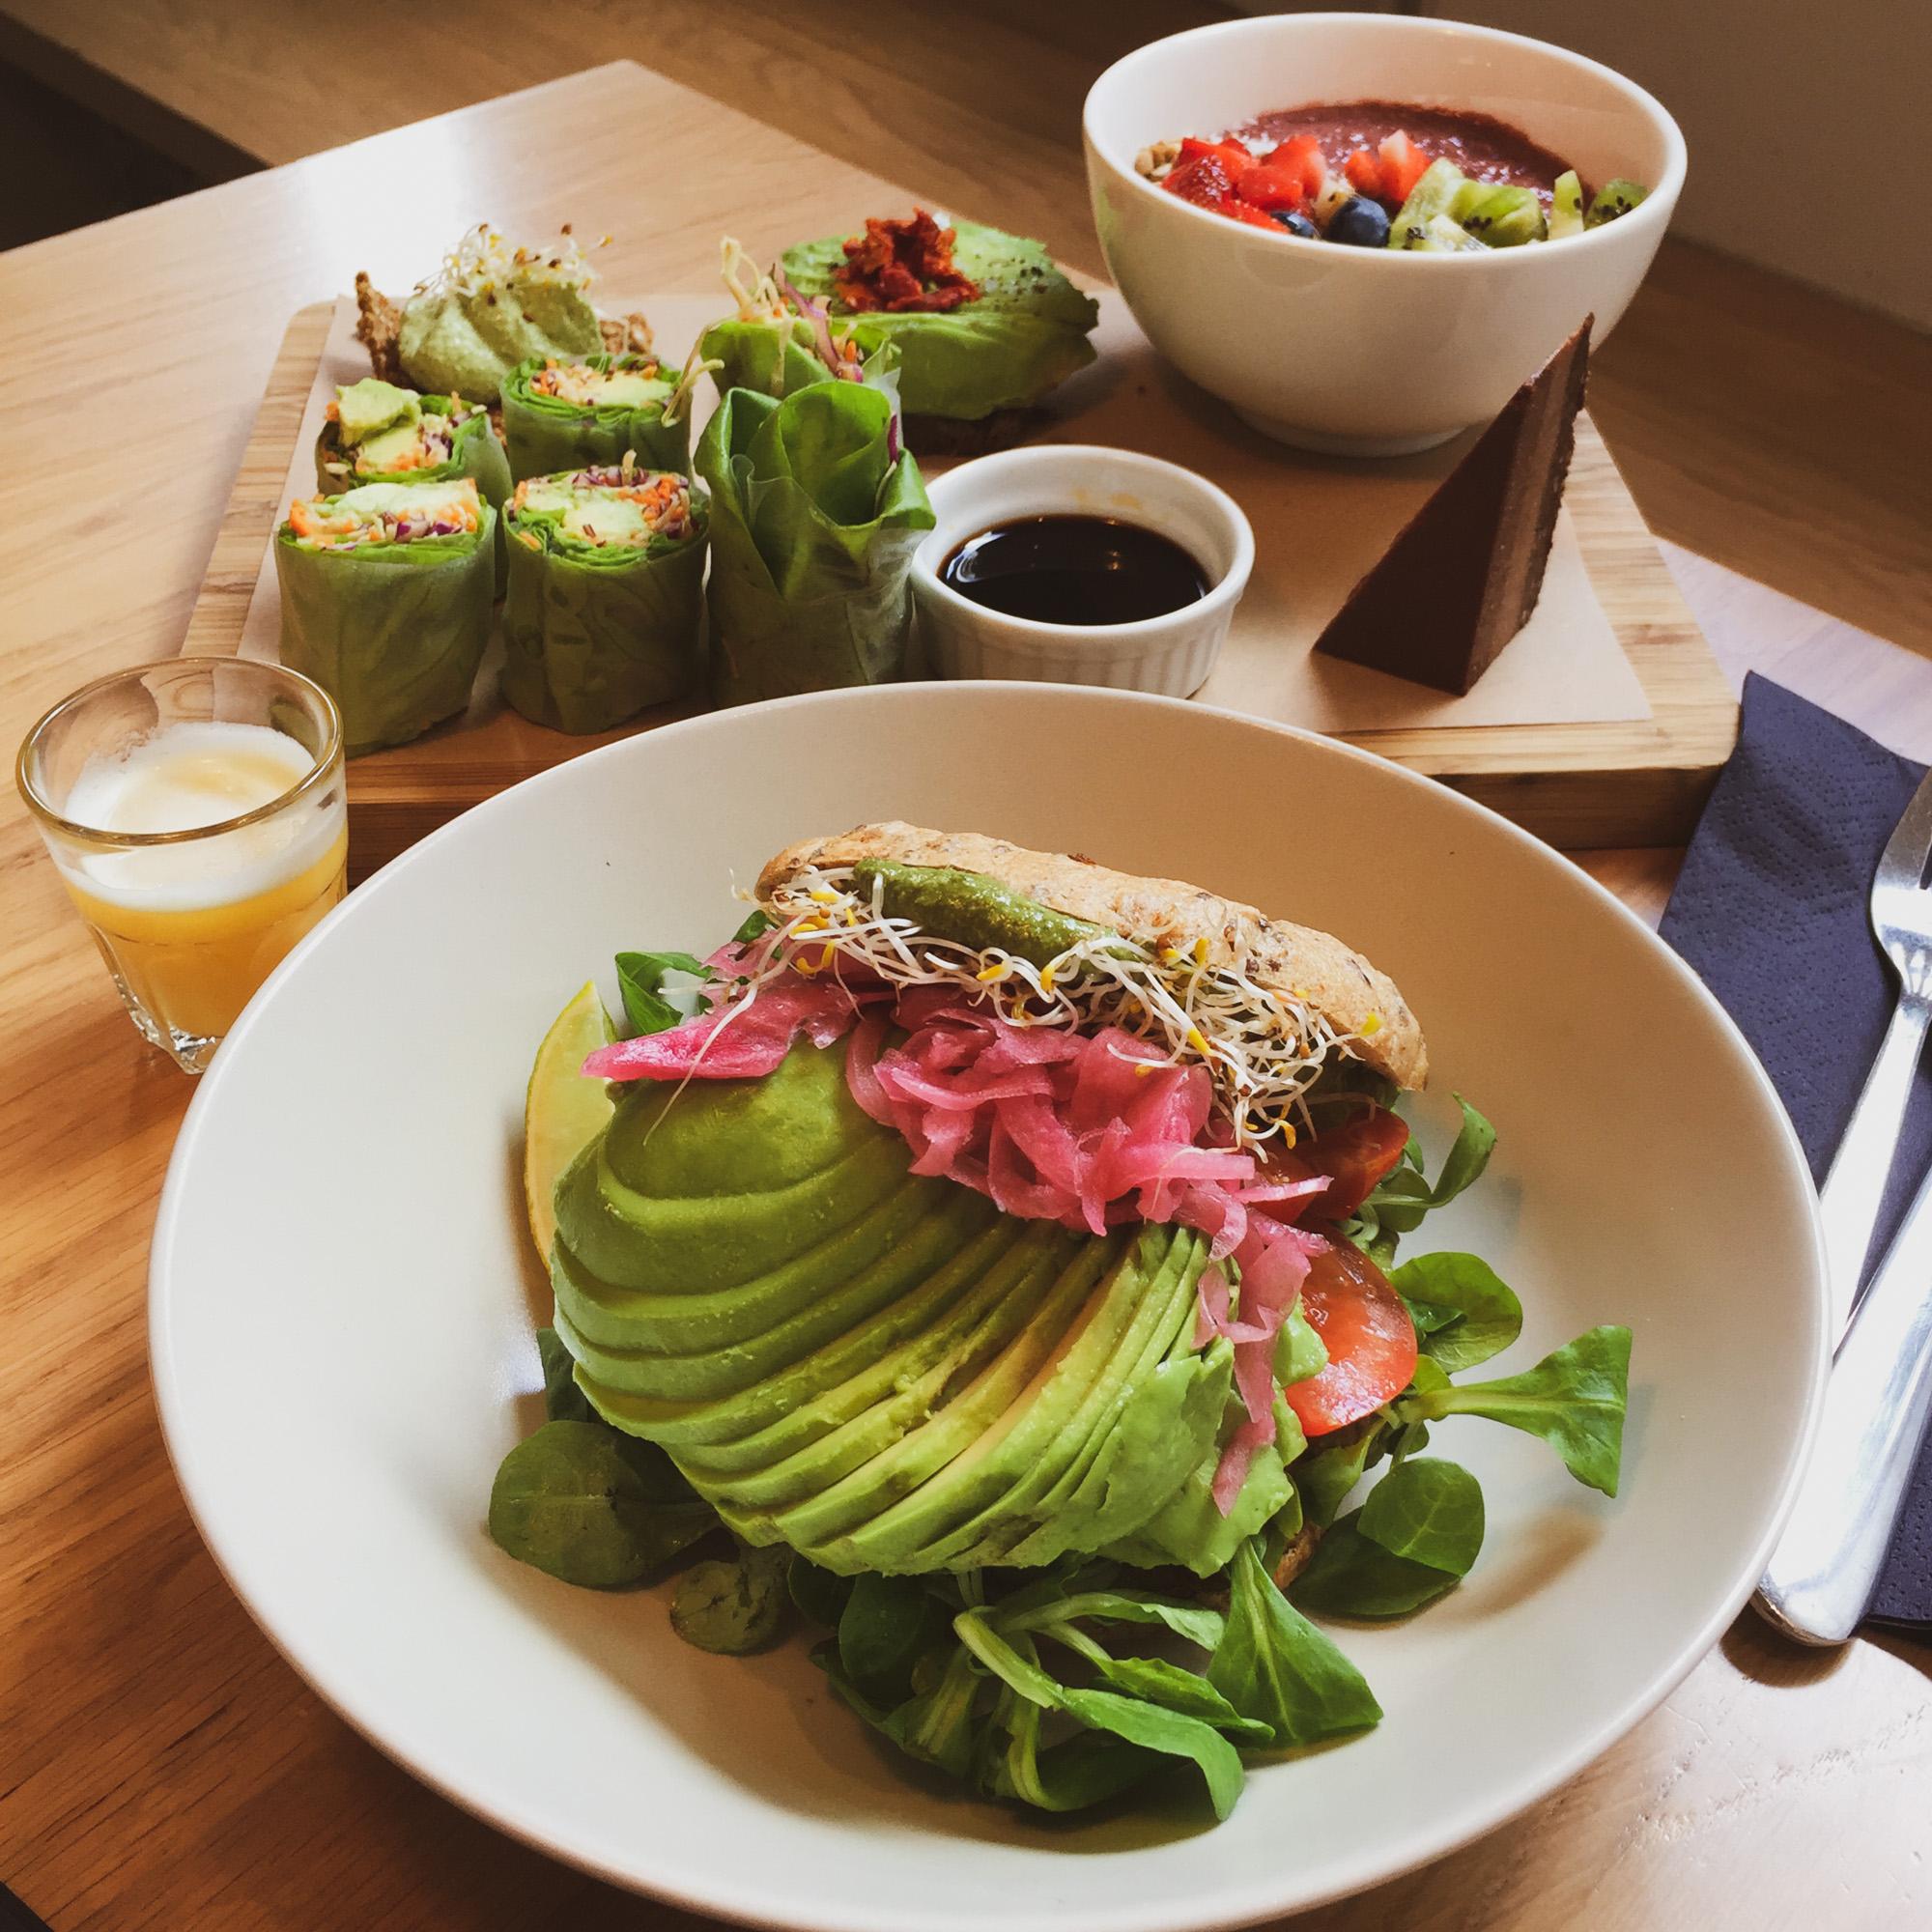 Healthy vegan processed food